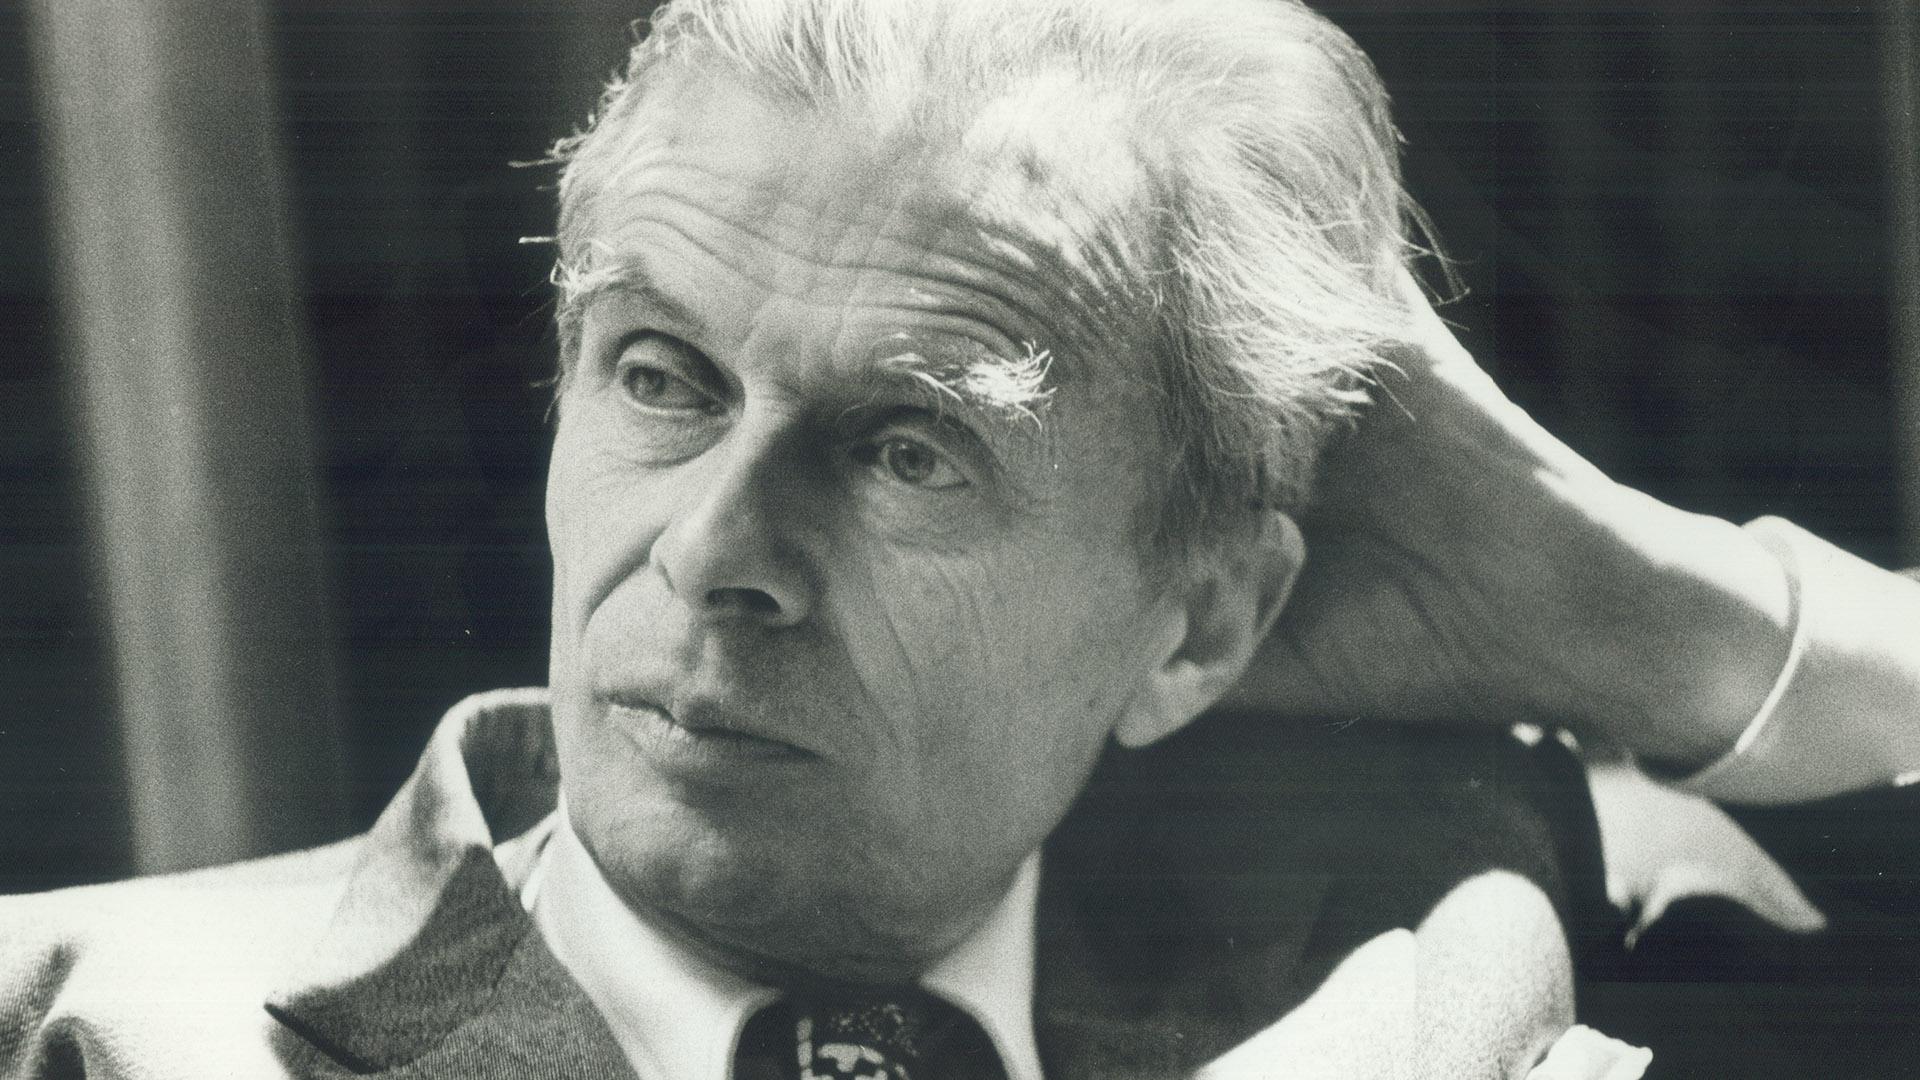 """Aldous Huxley hat mit """"Schöne neue Welt"""" 1932 einen der berühmtesten dystopischen Sci-Fi-Romane veröffentlicht."""